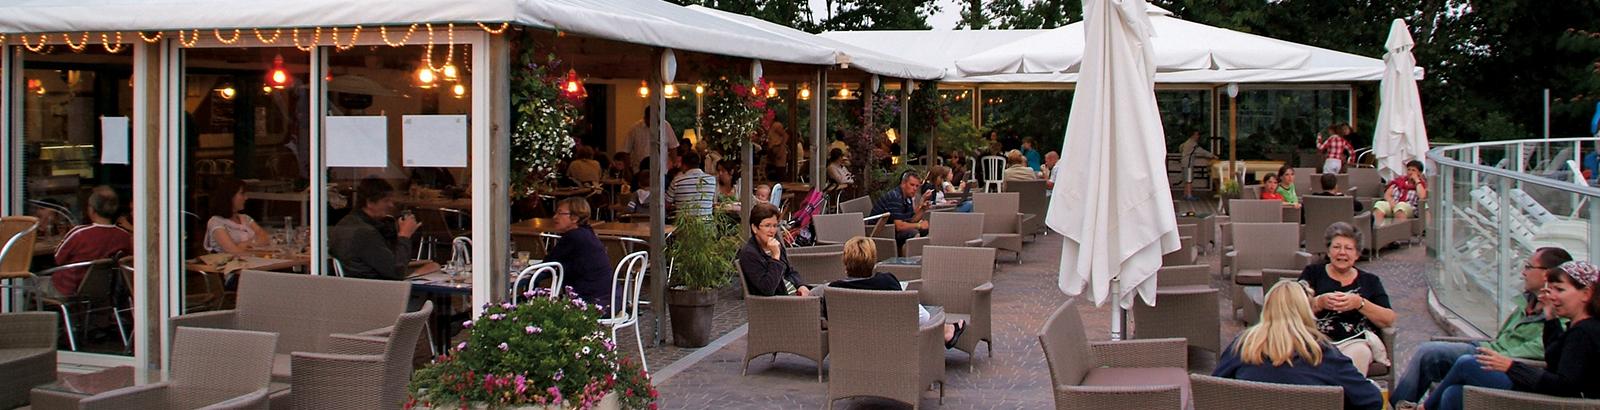 Het restaurant 'Le Petit Vézit'